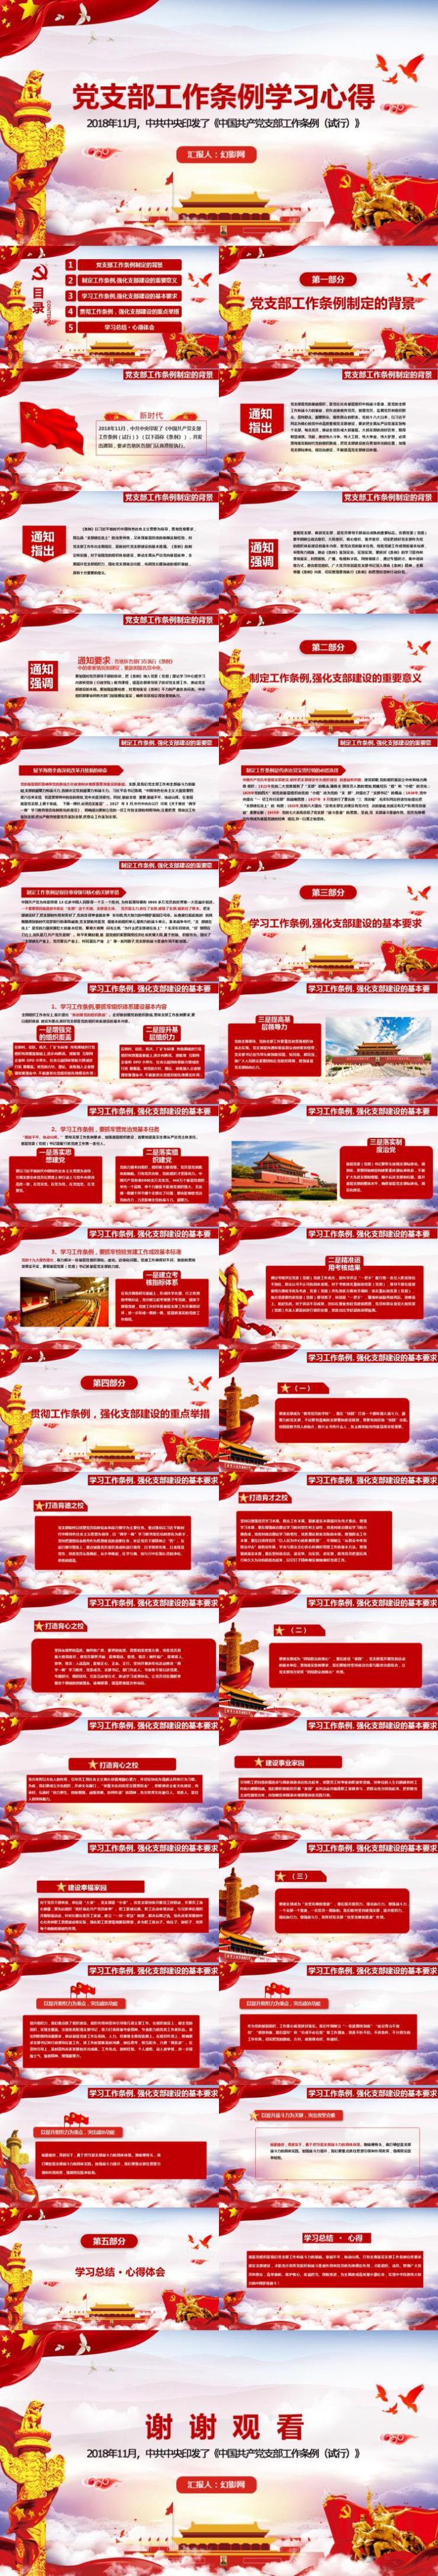 中国共产党党支部工作条例学习心得动态PPT模板